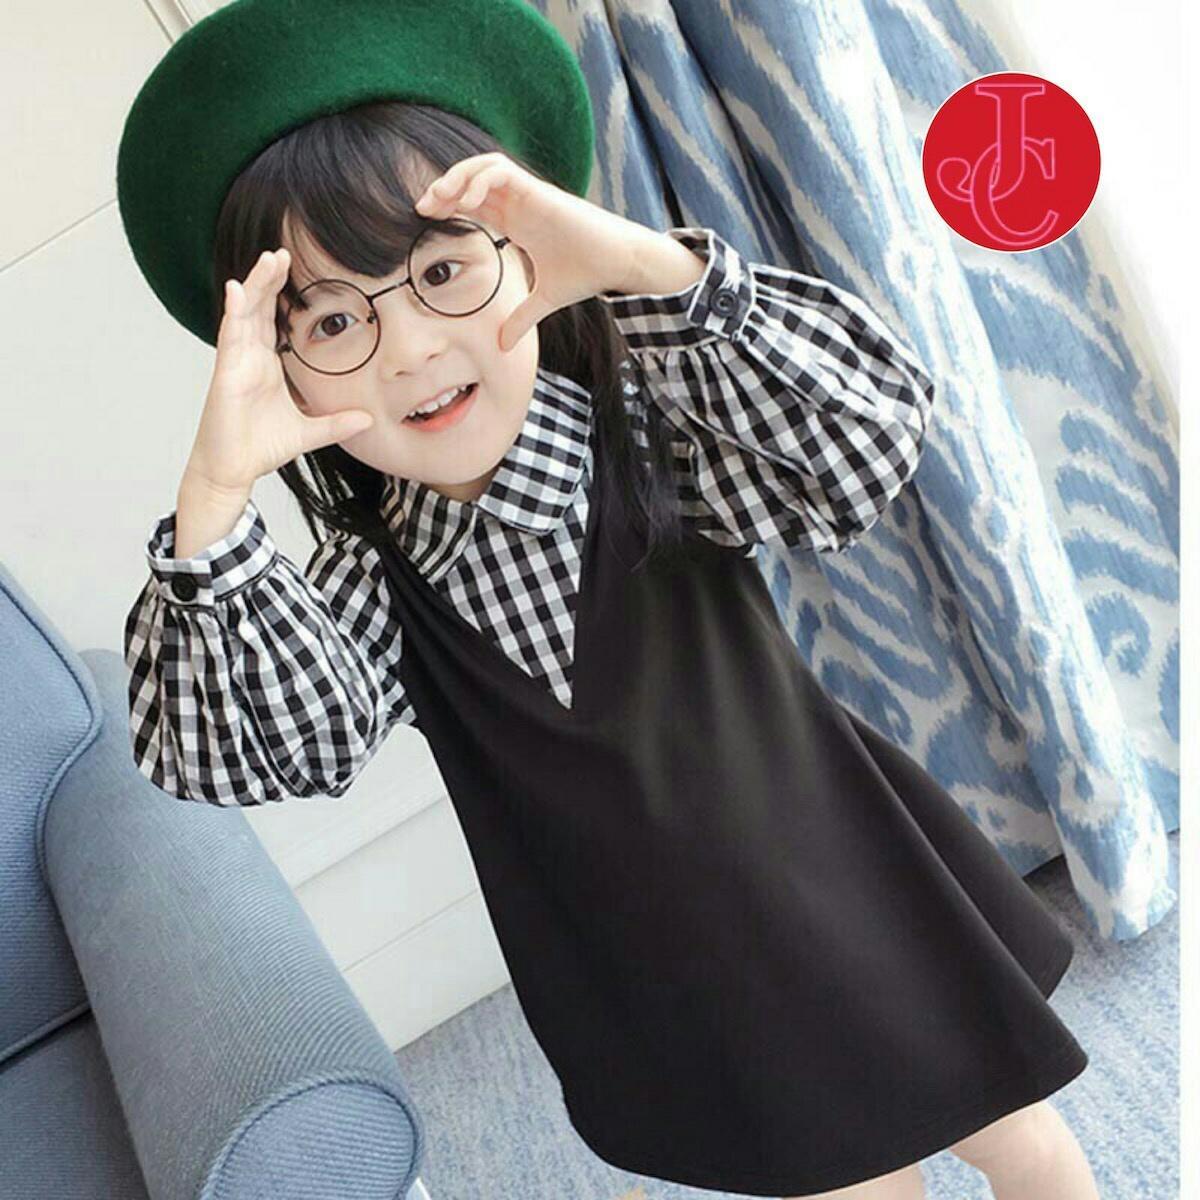 FJCO FJ Dress Fely kids / Dress anak / Fashion anak perempuan